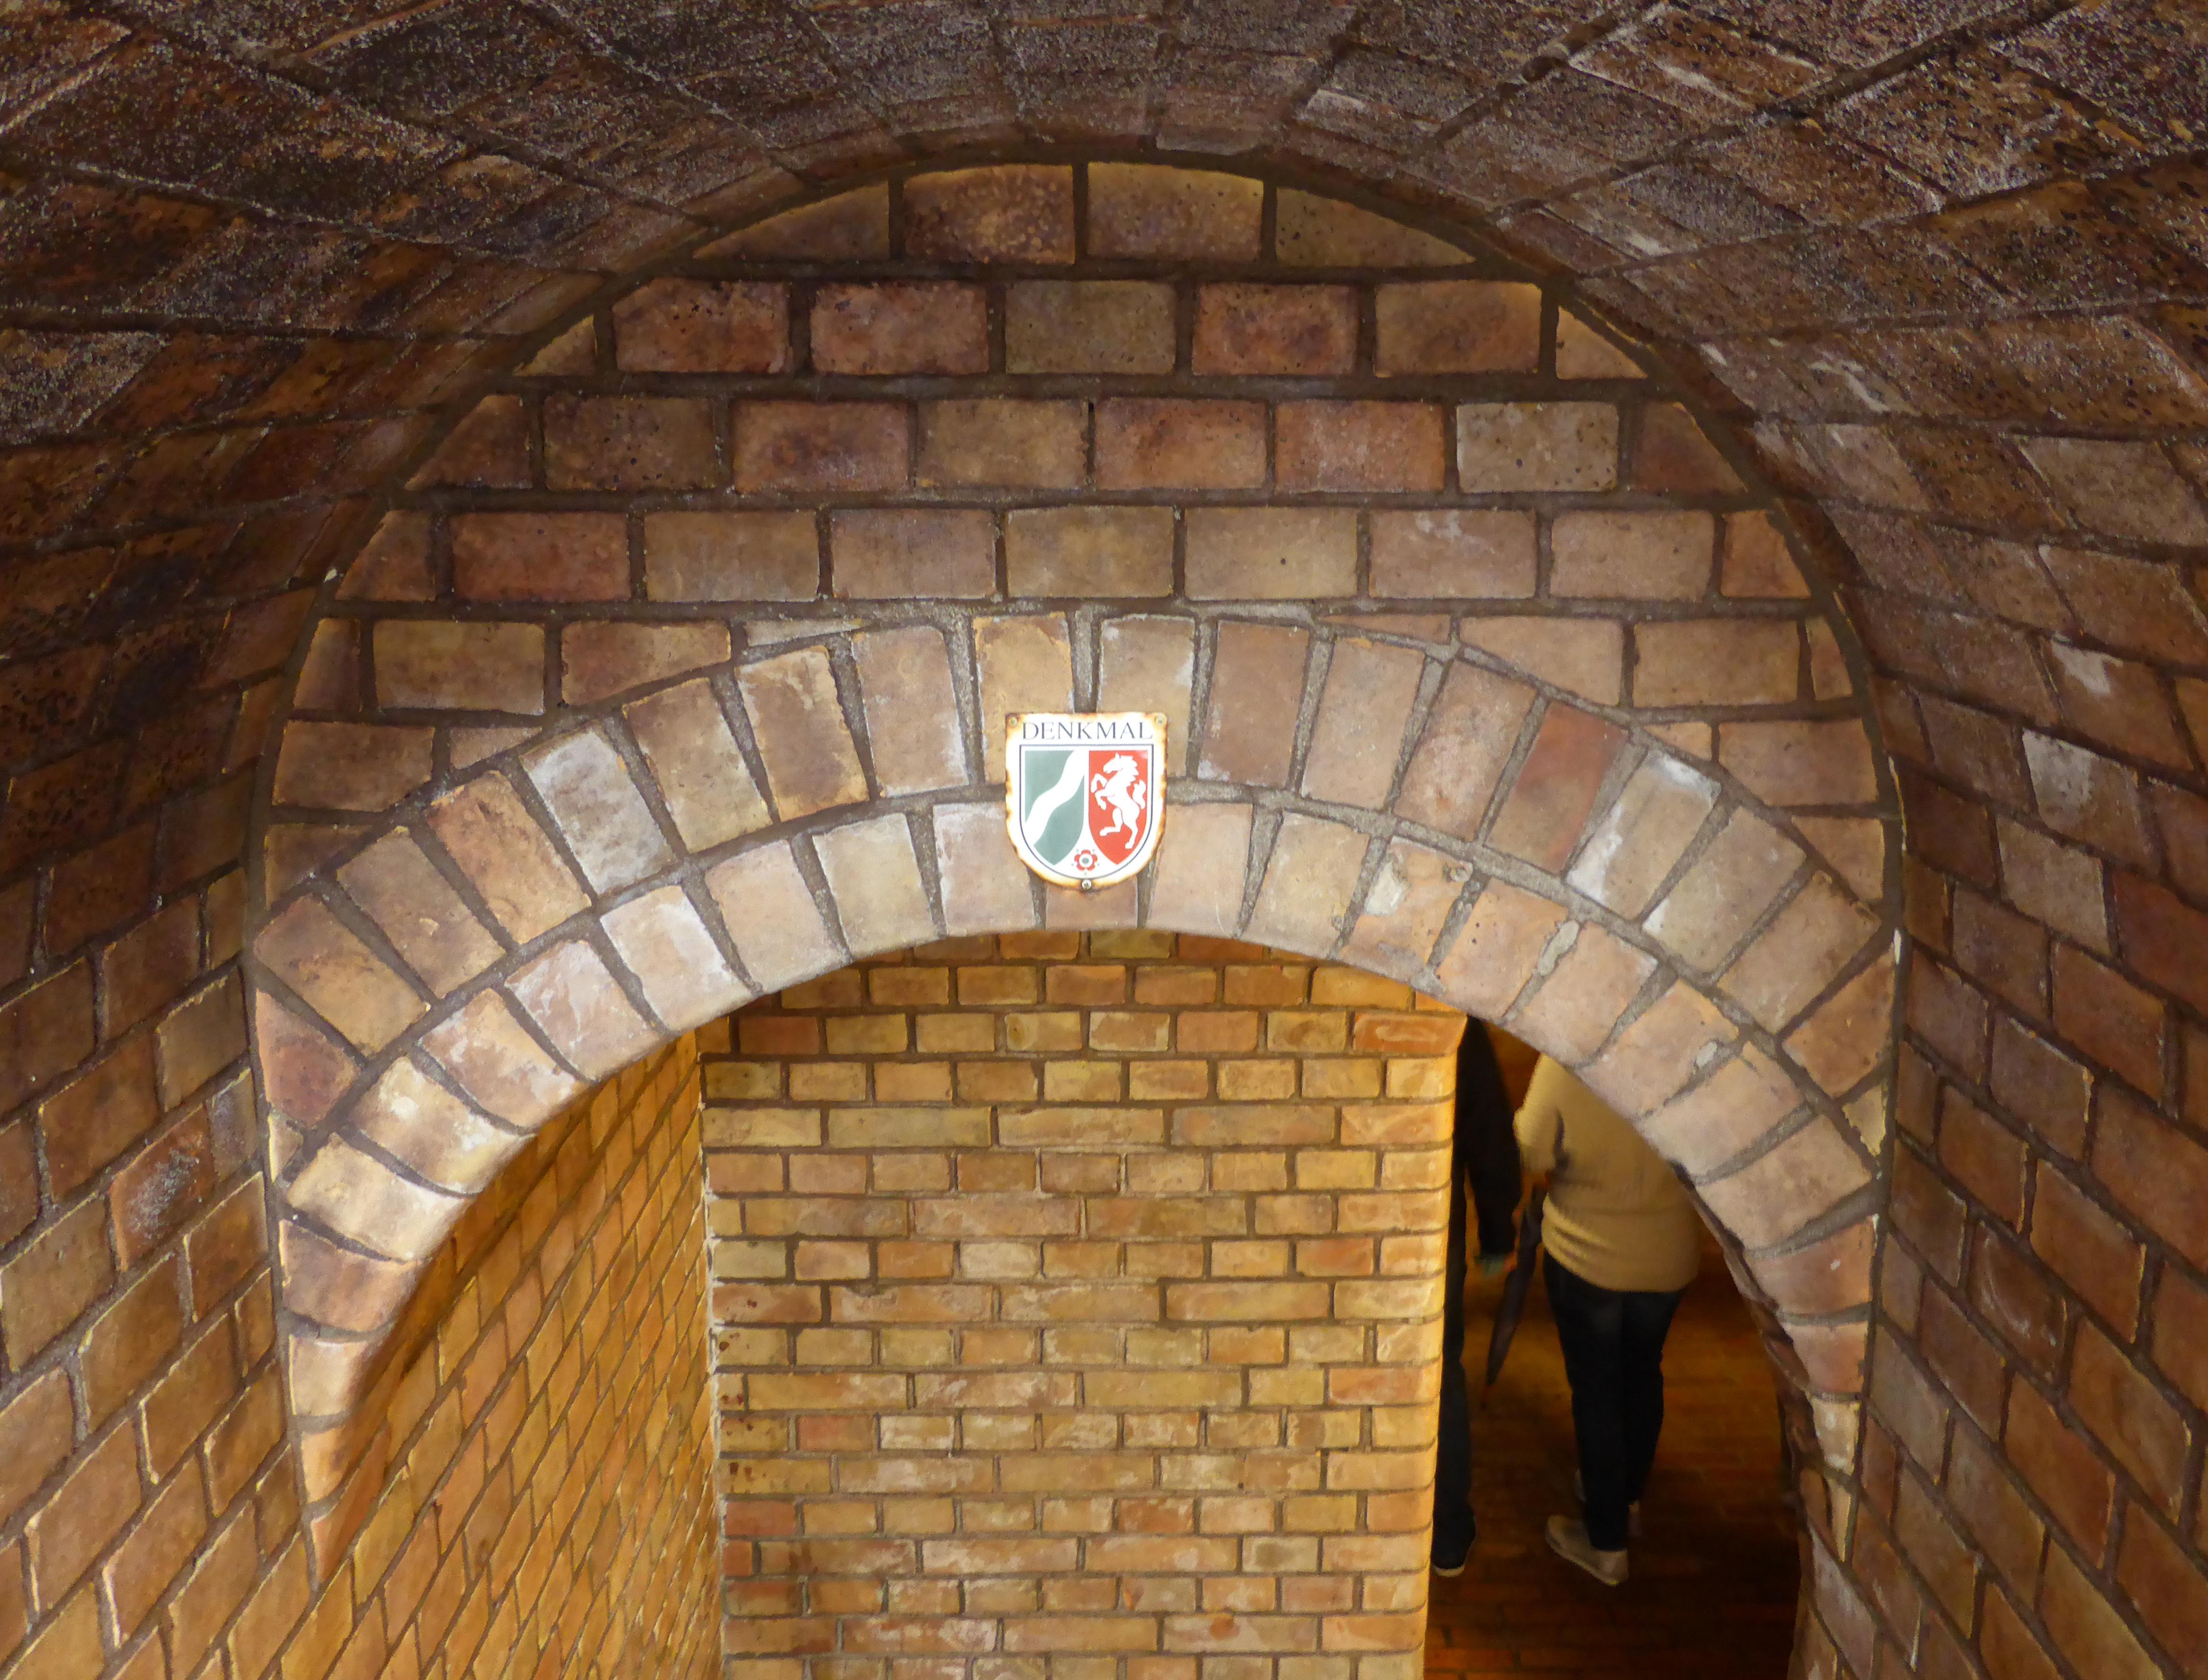 Eingang Kronleuchtersaal Köln ~ Konzerte im kronleuchtersaal köln kronleuchtersaal ist der name